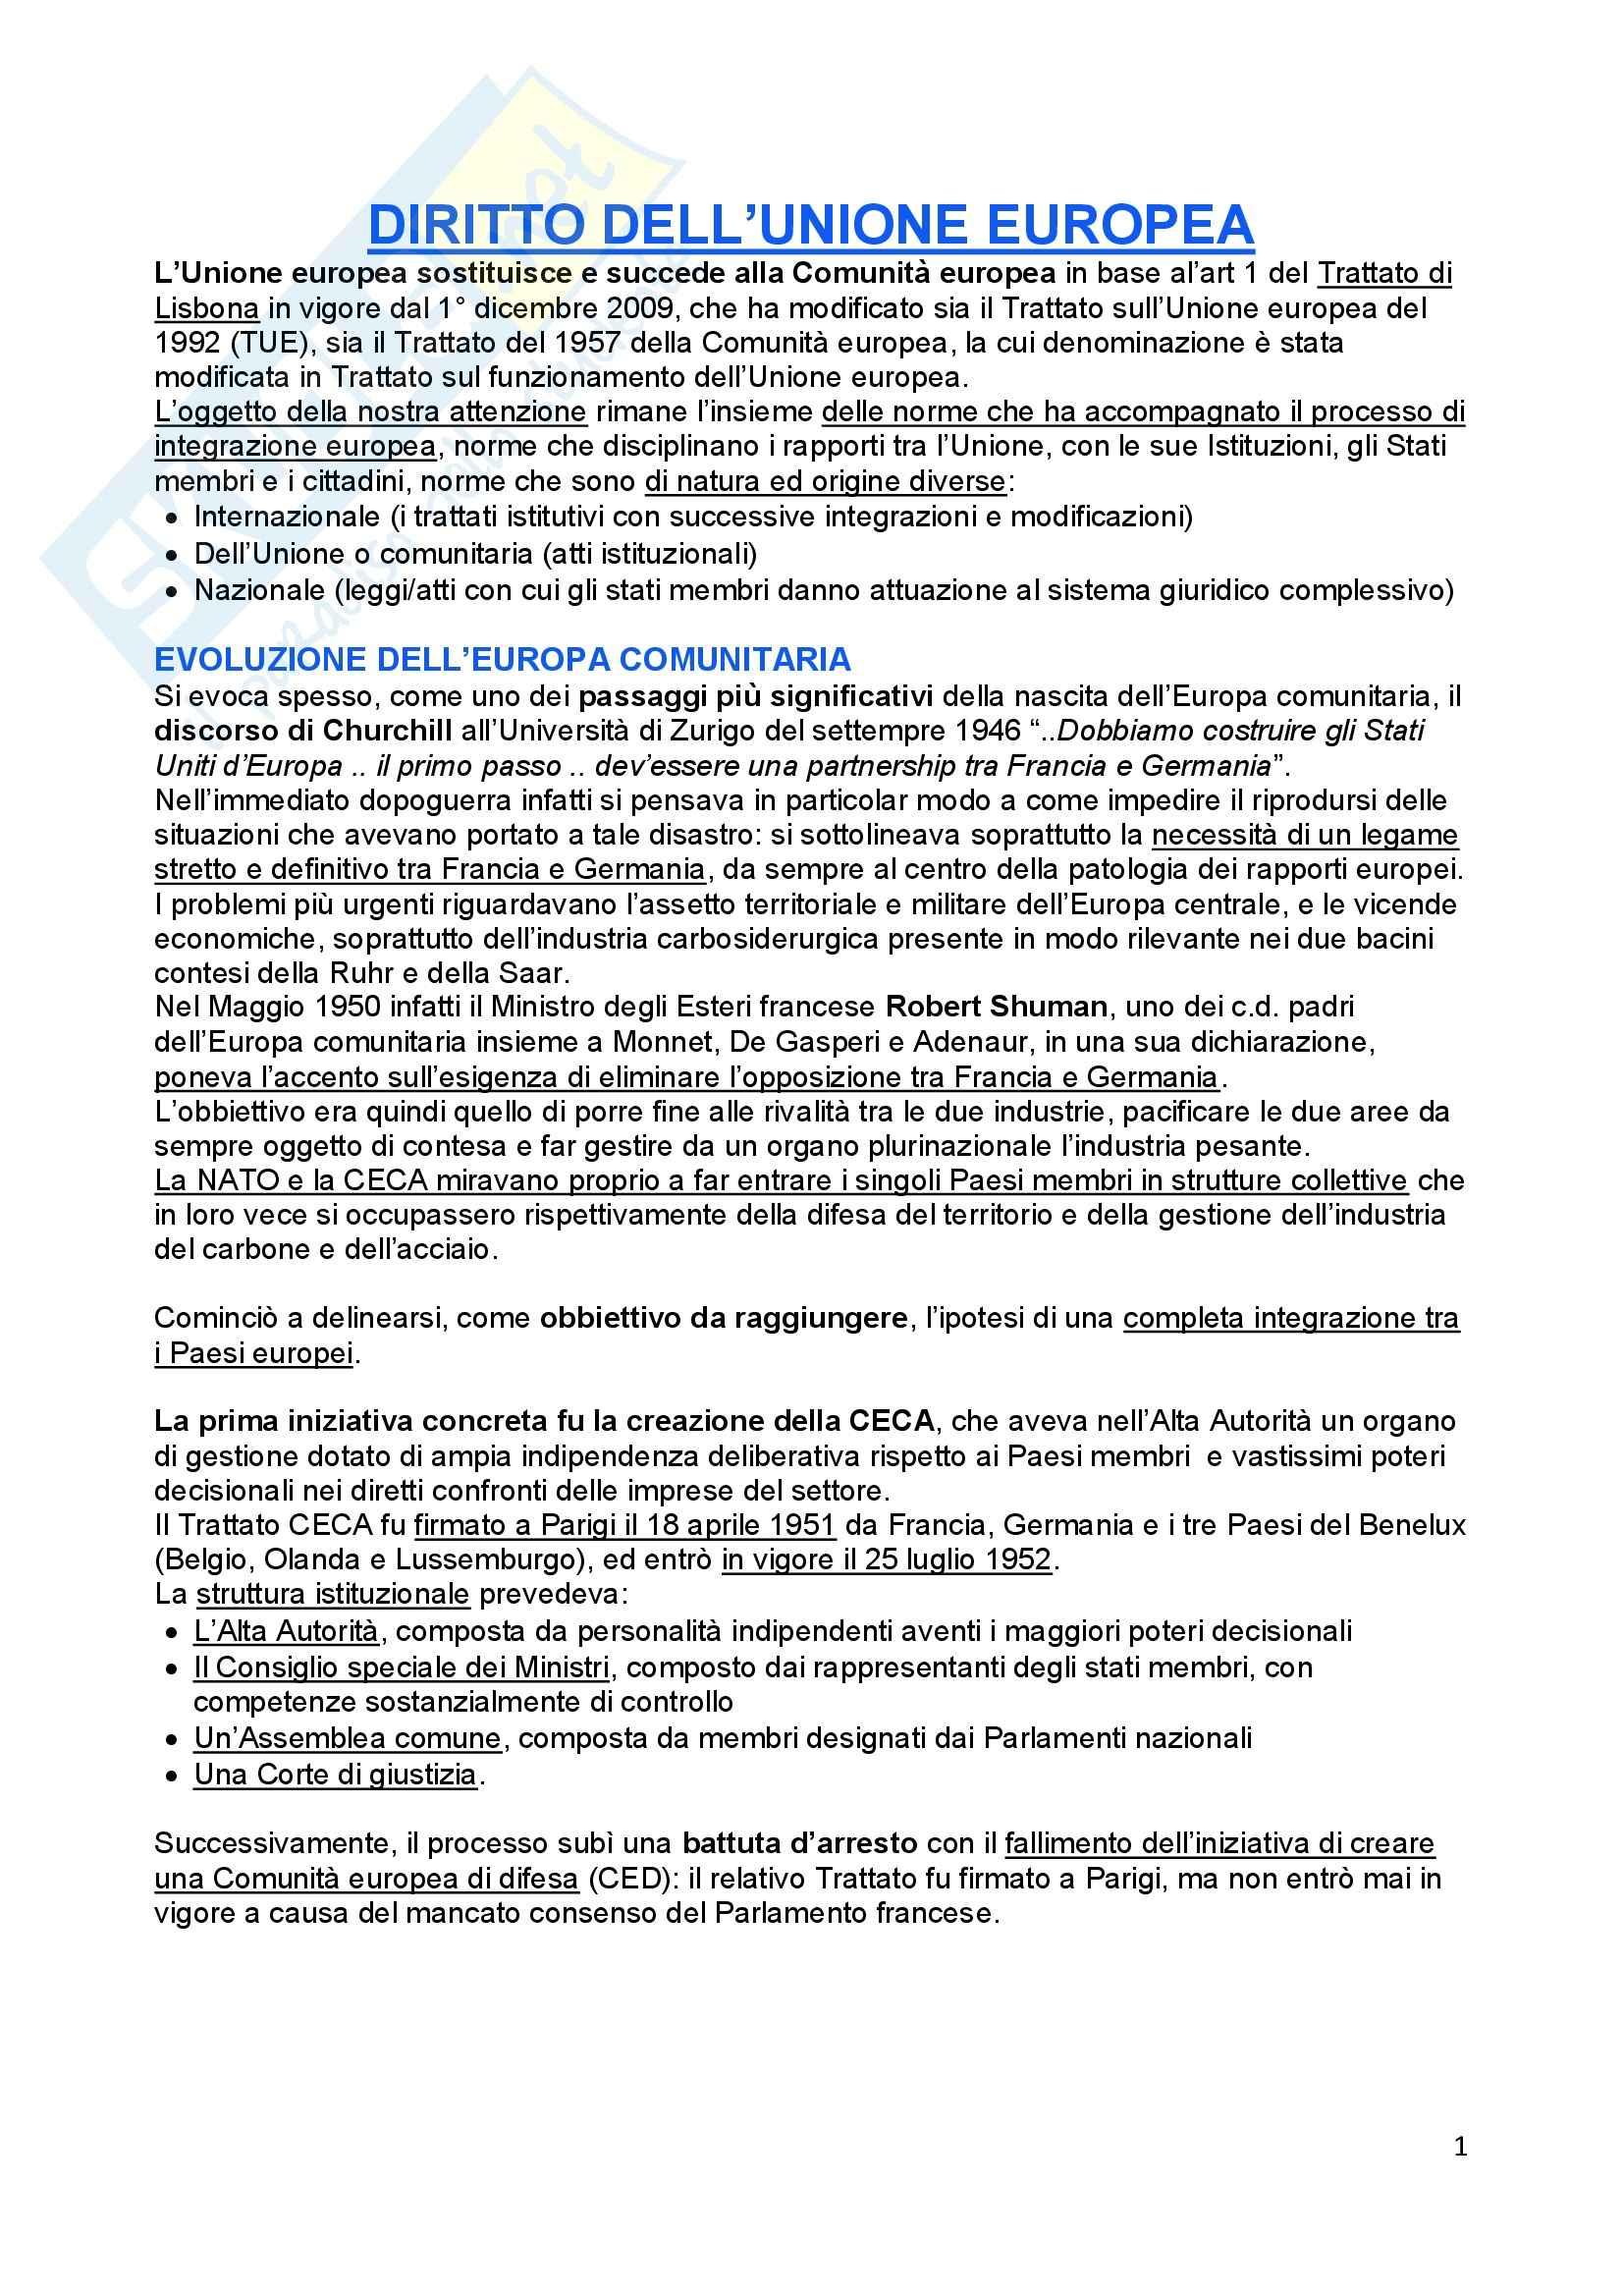 Diritto dell'Unione Europea, Tesauro - Schemi